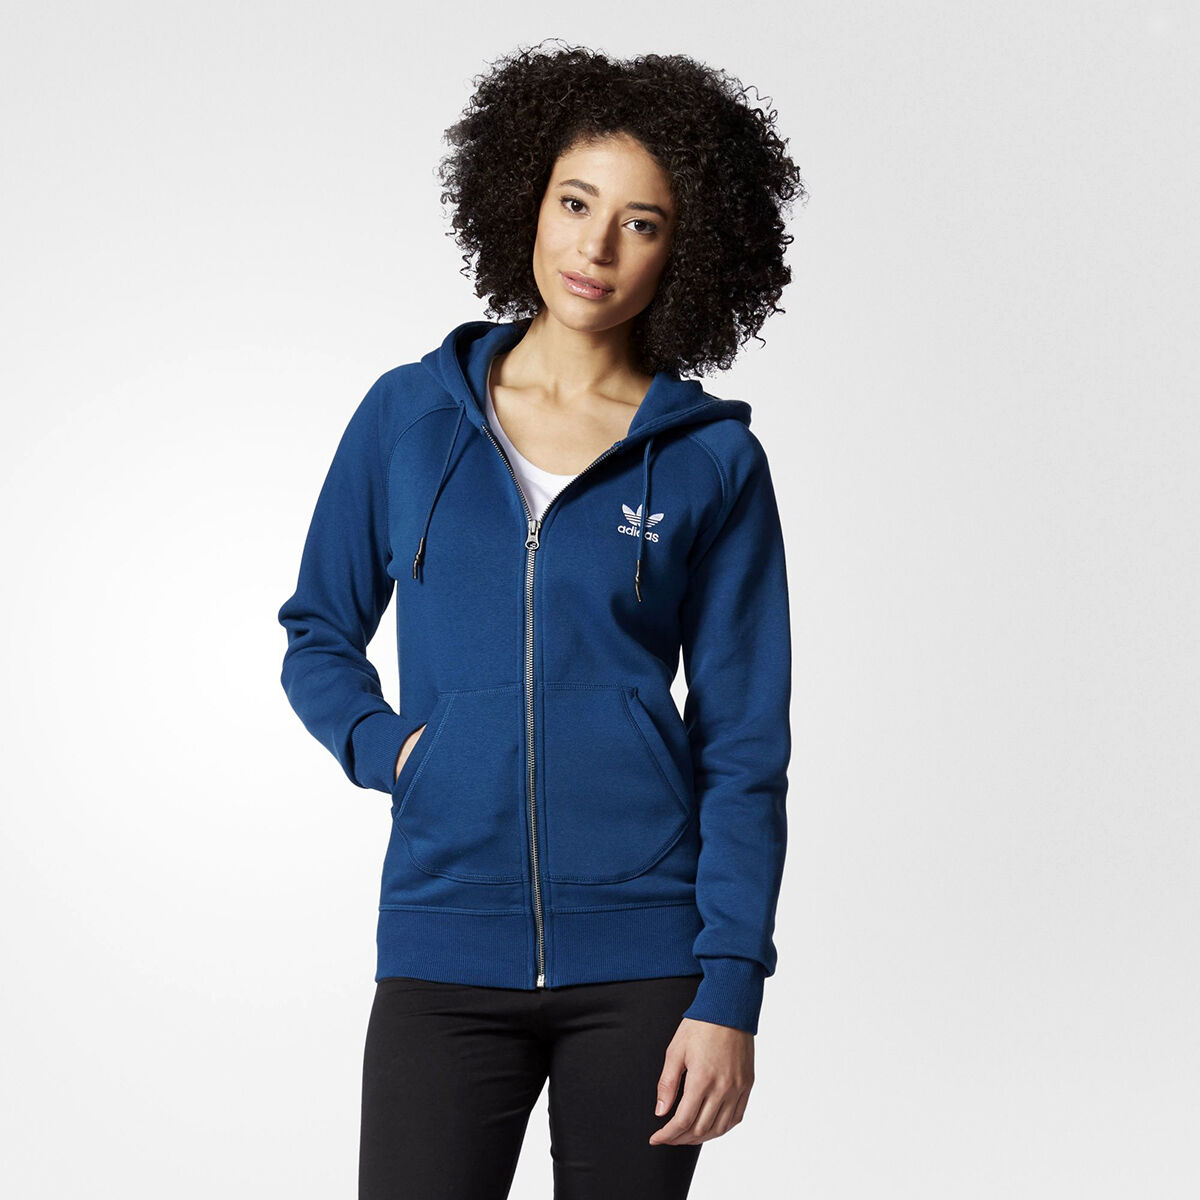 cf3117ac3 Originals Adidas Full WMNS white bluee dark AY6615 women NEW Hoody ...